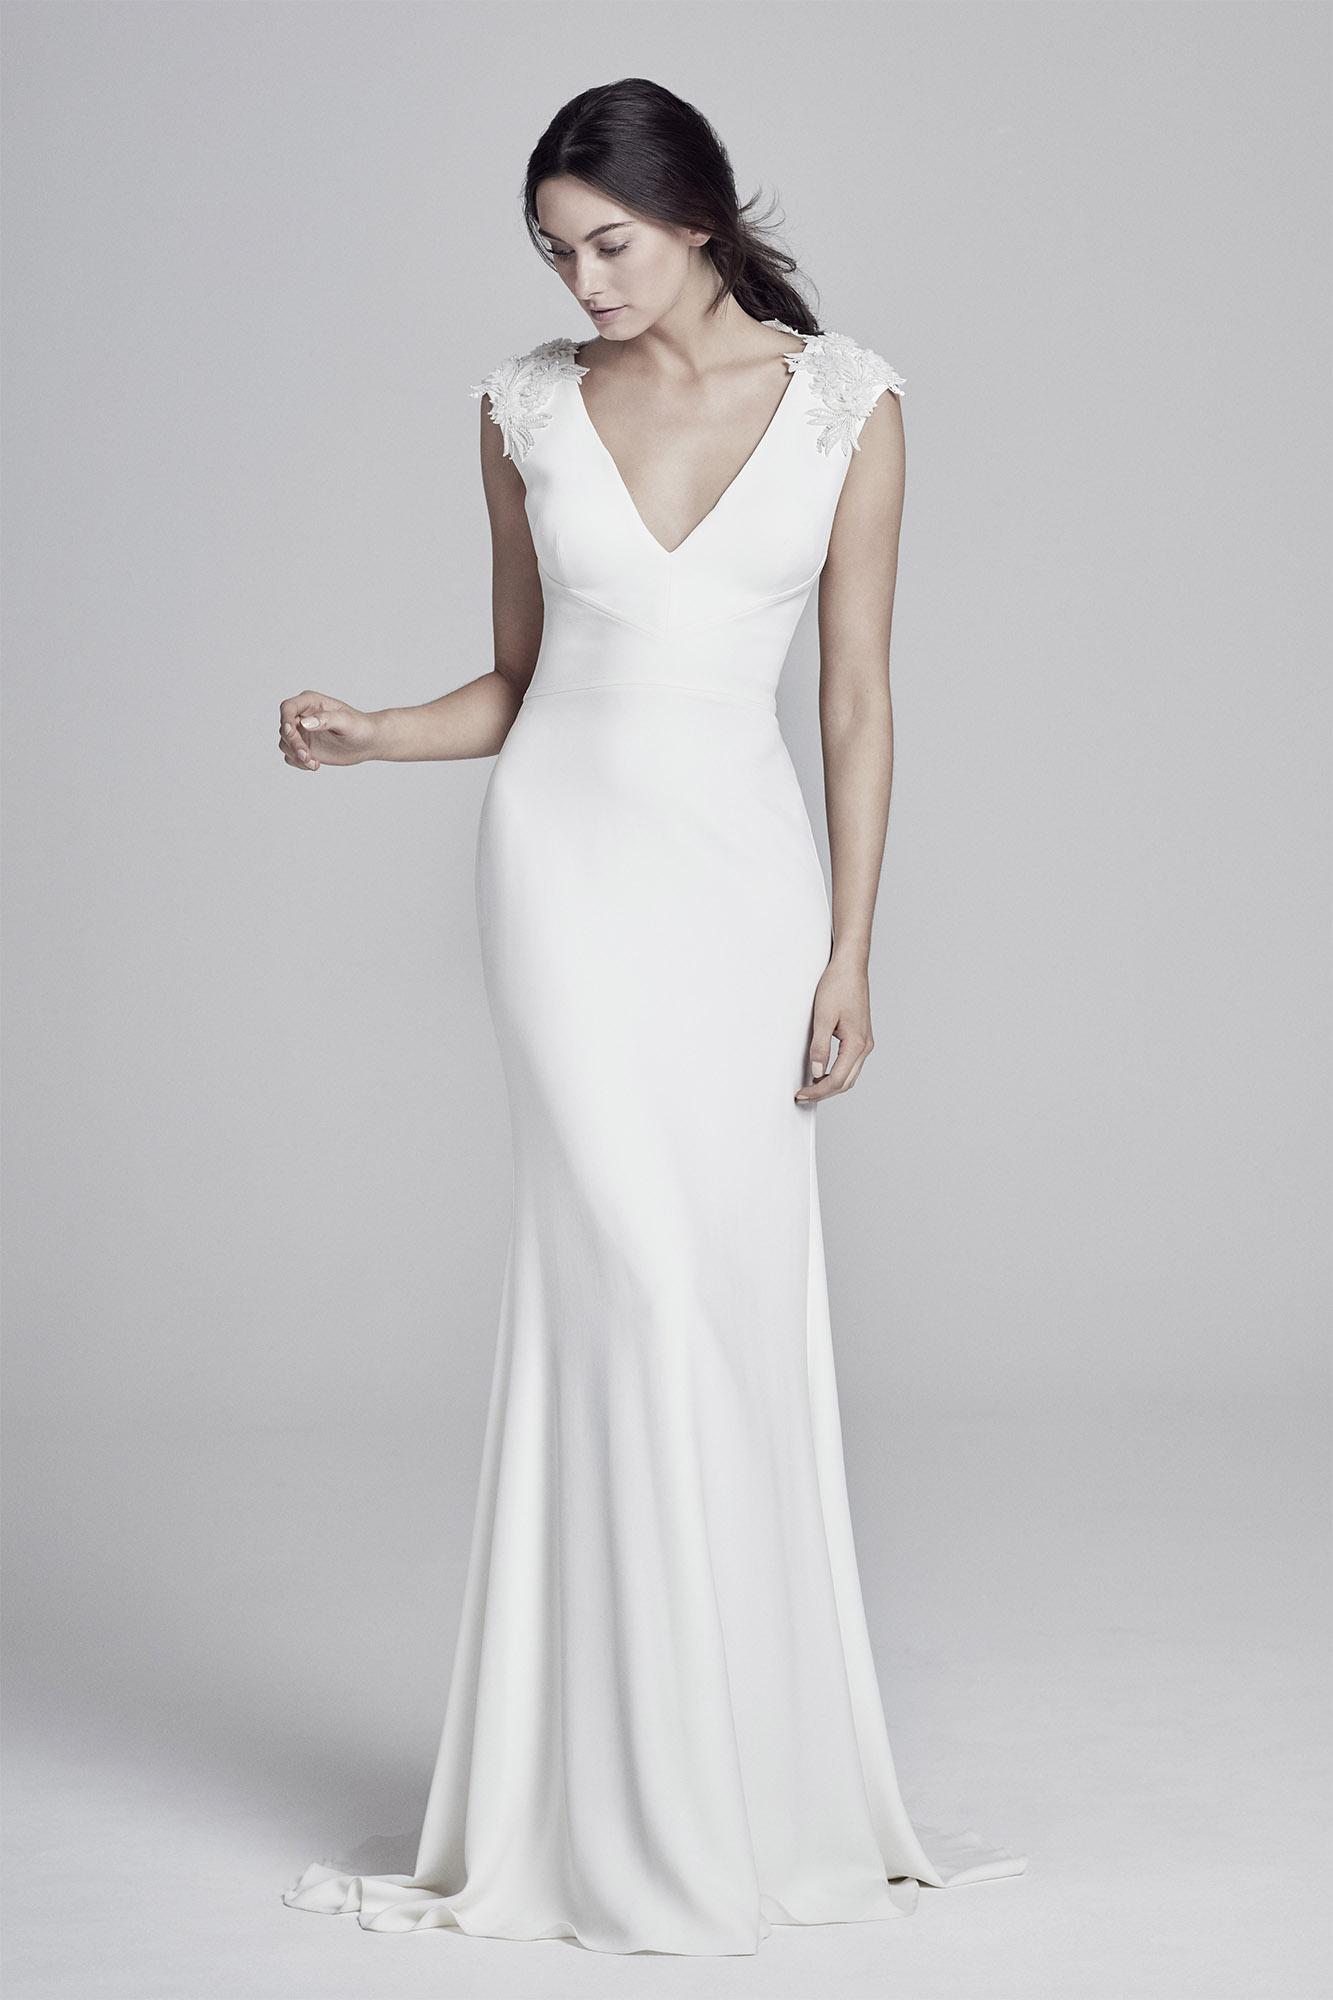 Austen | Lookbook Collection 2019 | designer wedding dresses by Suzanne Neville